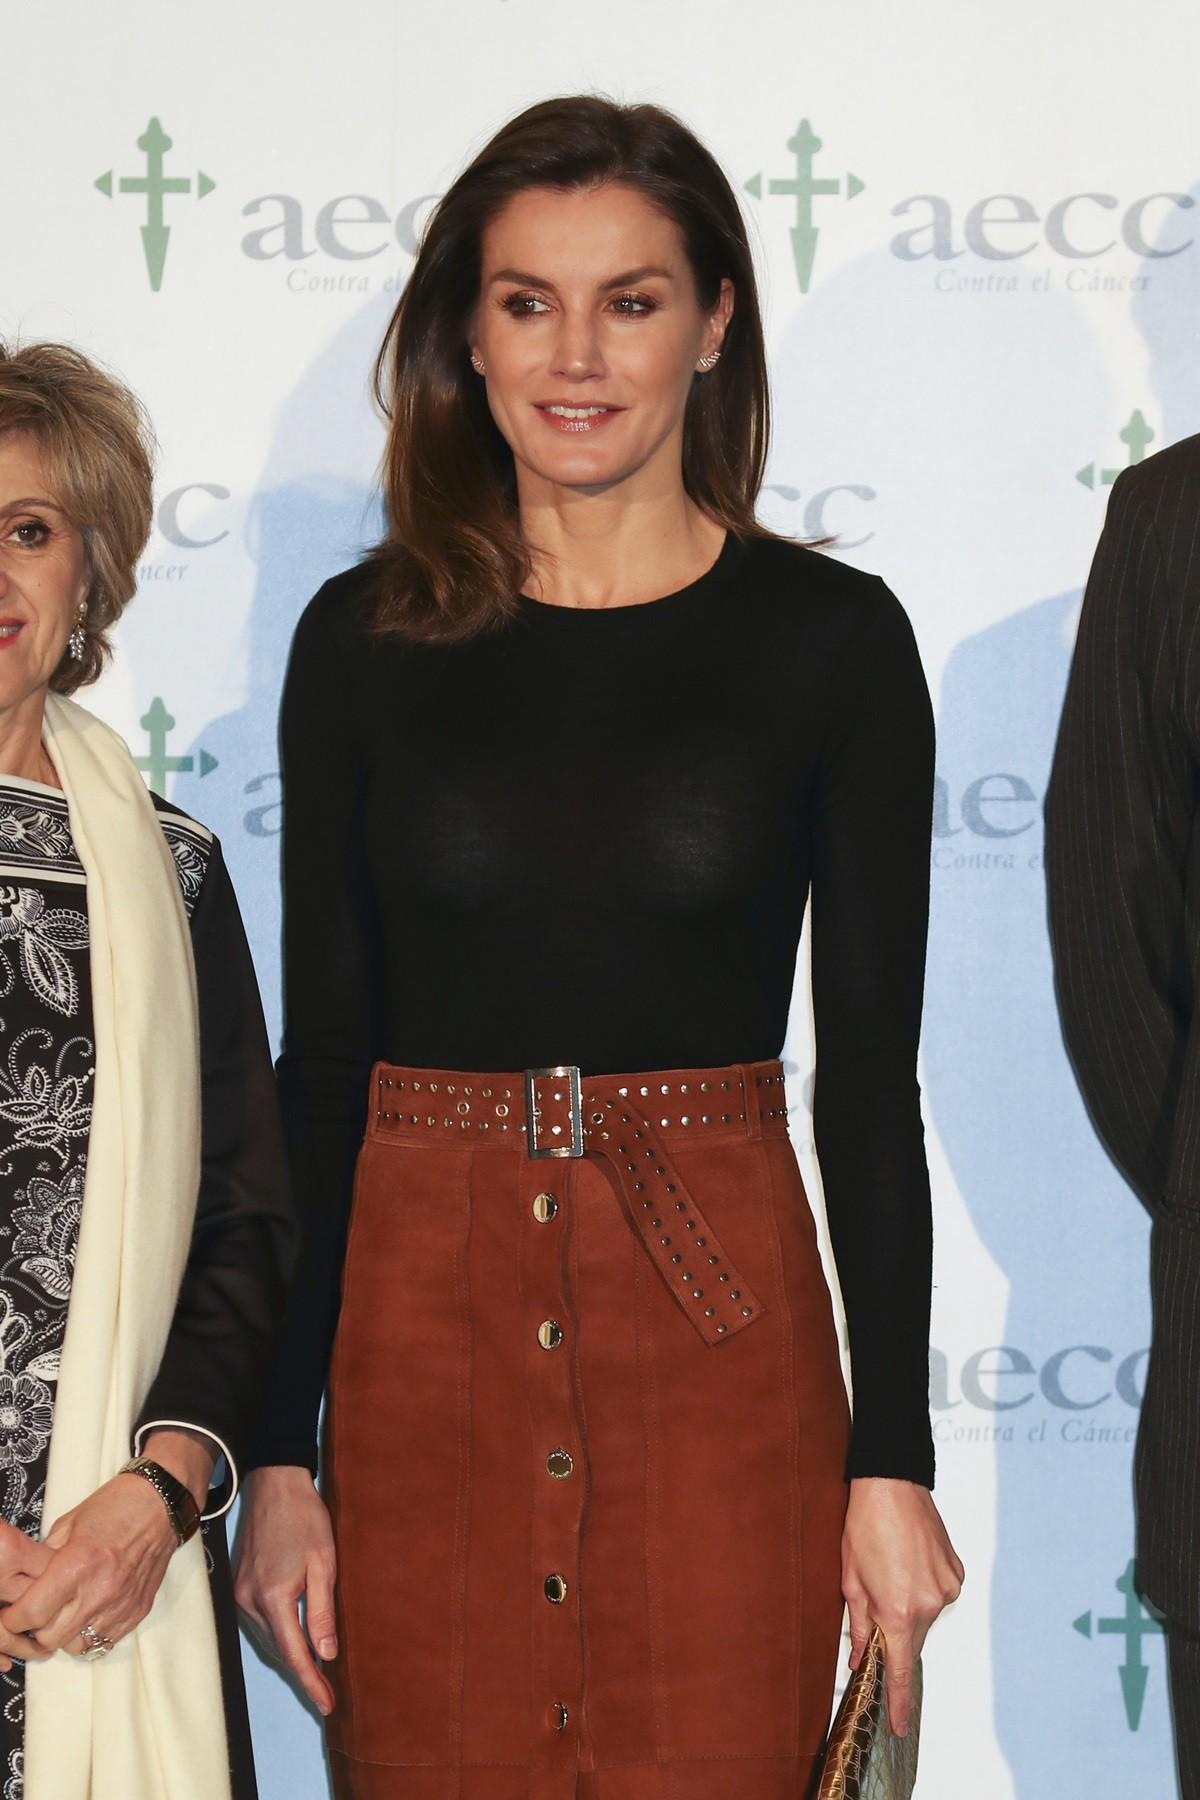 El look de la Reina Letizia con falda de ante que puedes copiar en Zara 86fde76d6173